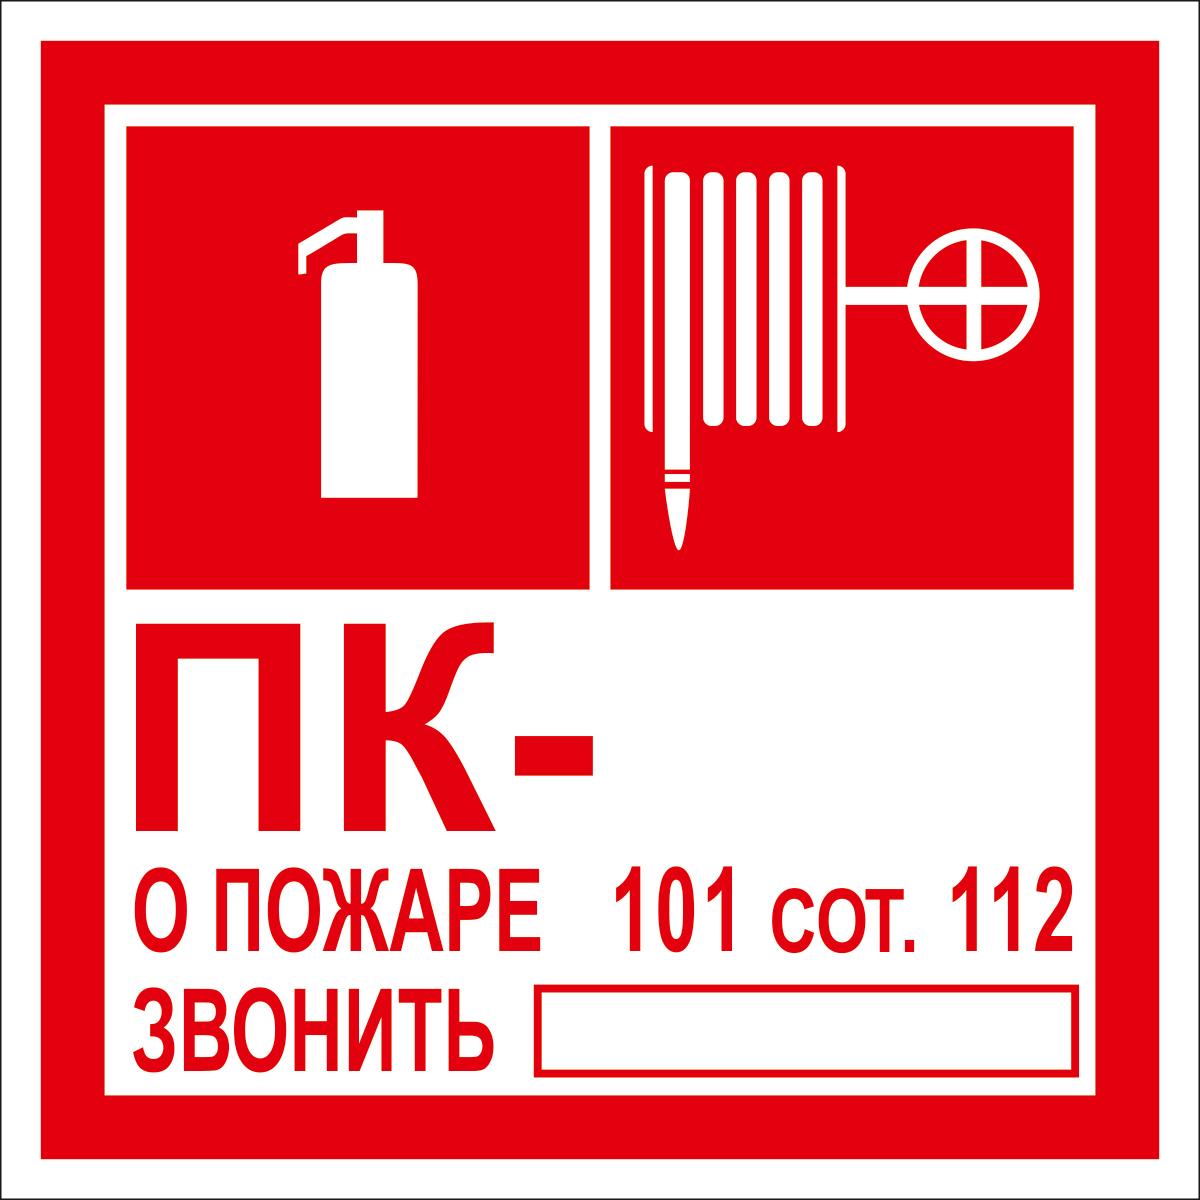 Наклейка информационная Оранжевый Слоник Пожарный кран, 15 х 15 см. INF010RGBINF010RGBИнформационные наклейки предназначенны для предупреждения людей о непосредственной или возможной опасности, запрещения, предписания или разрешения определенных действий, а также для информации о расположении объектов и средств, использование которых ислючает или снижает воздействие опасных и (или) вредных факторов.